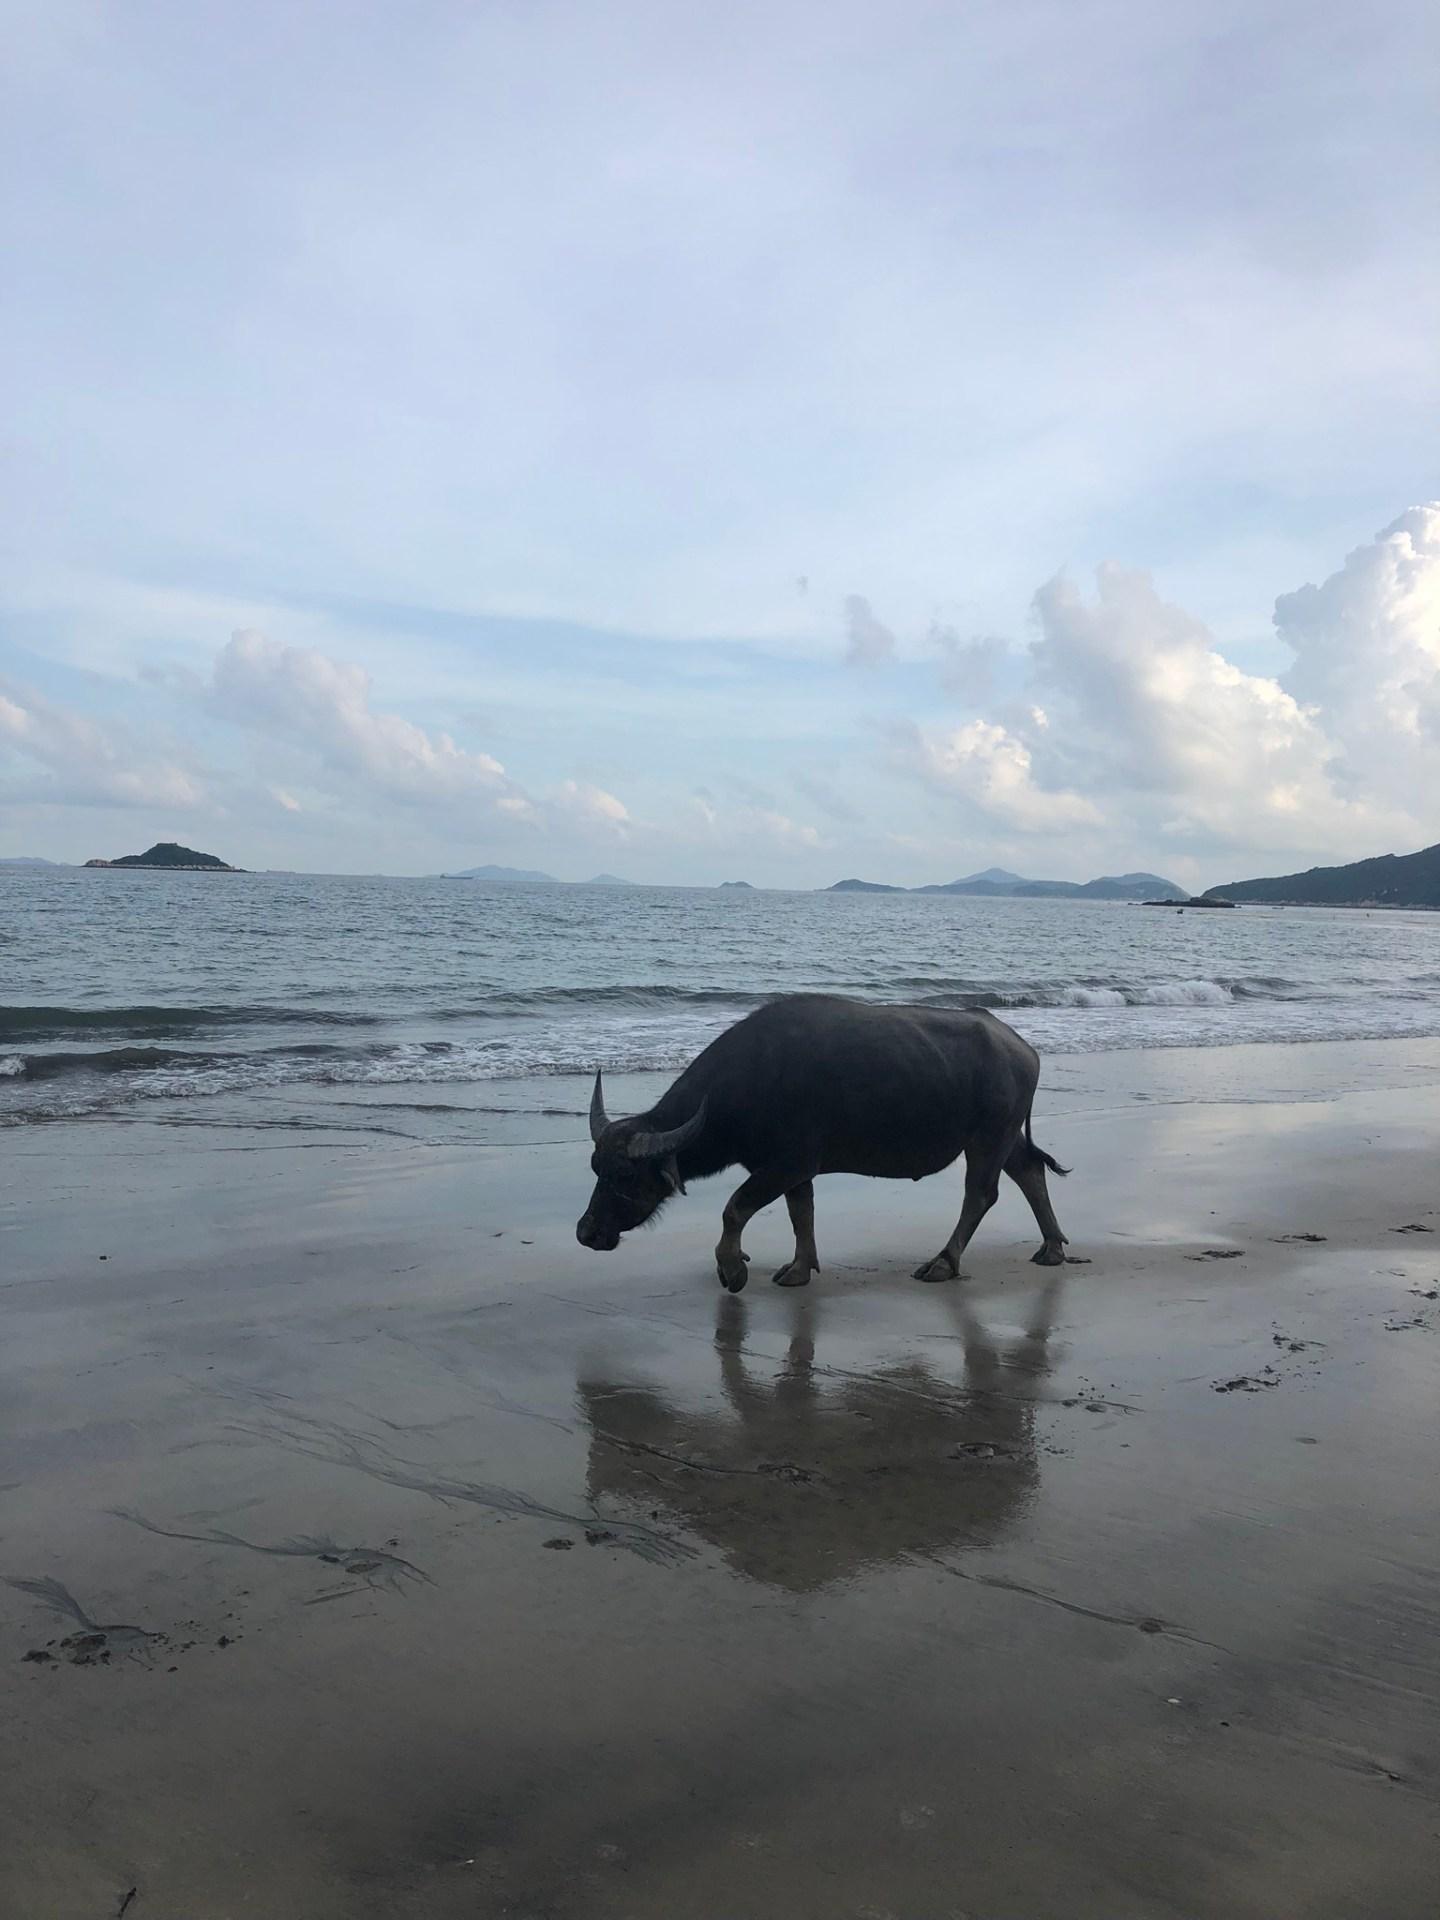 A cow on Cheung Sha Beach, Lantau Island